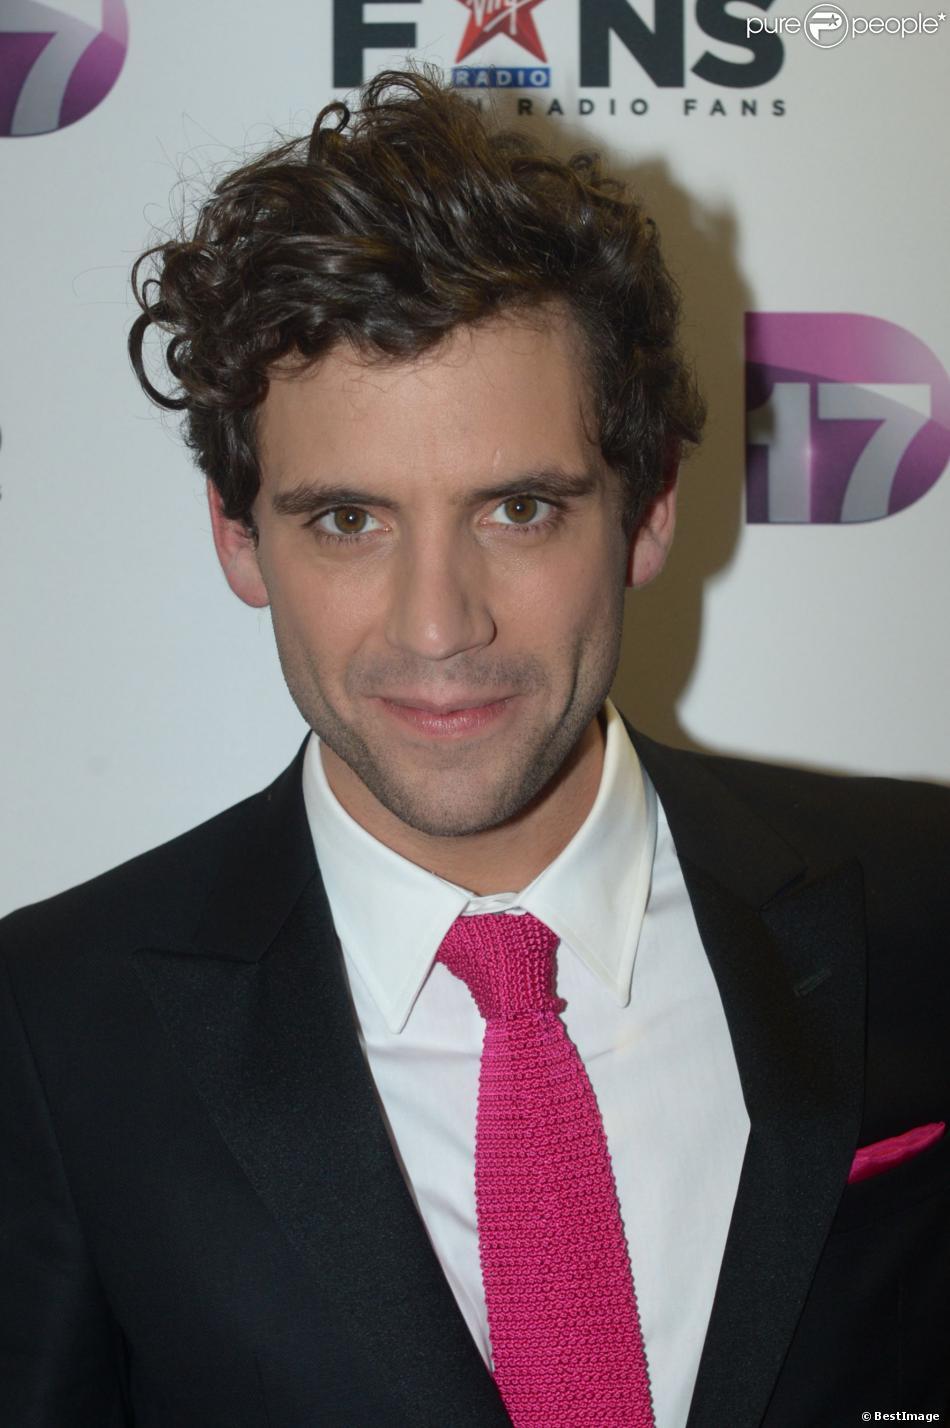 Mika lors de la soirée Virgin Radio Fans, à Paris, le 8 décembre 2012.